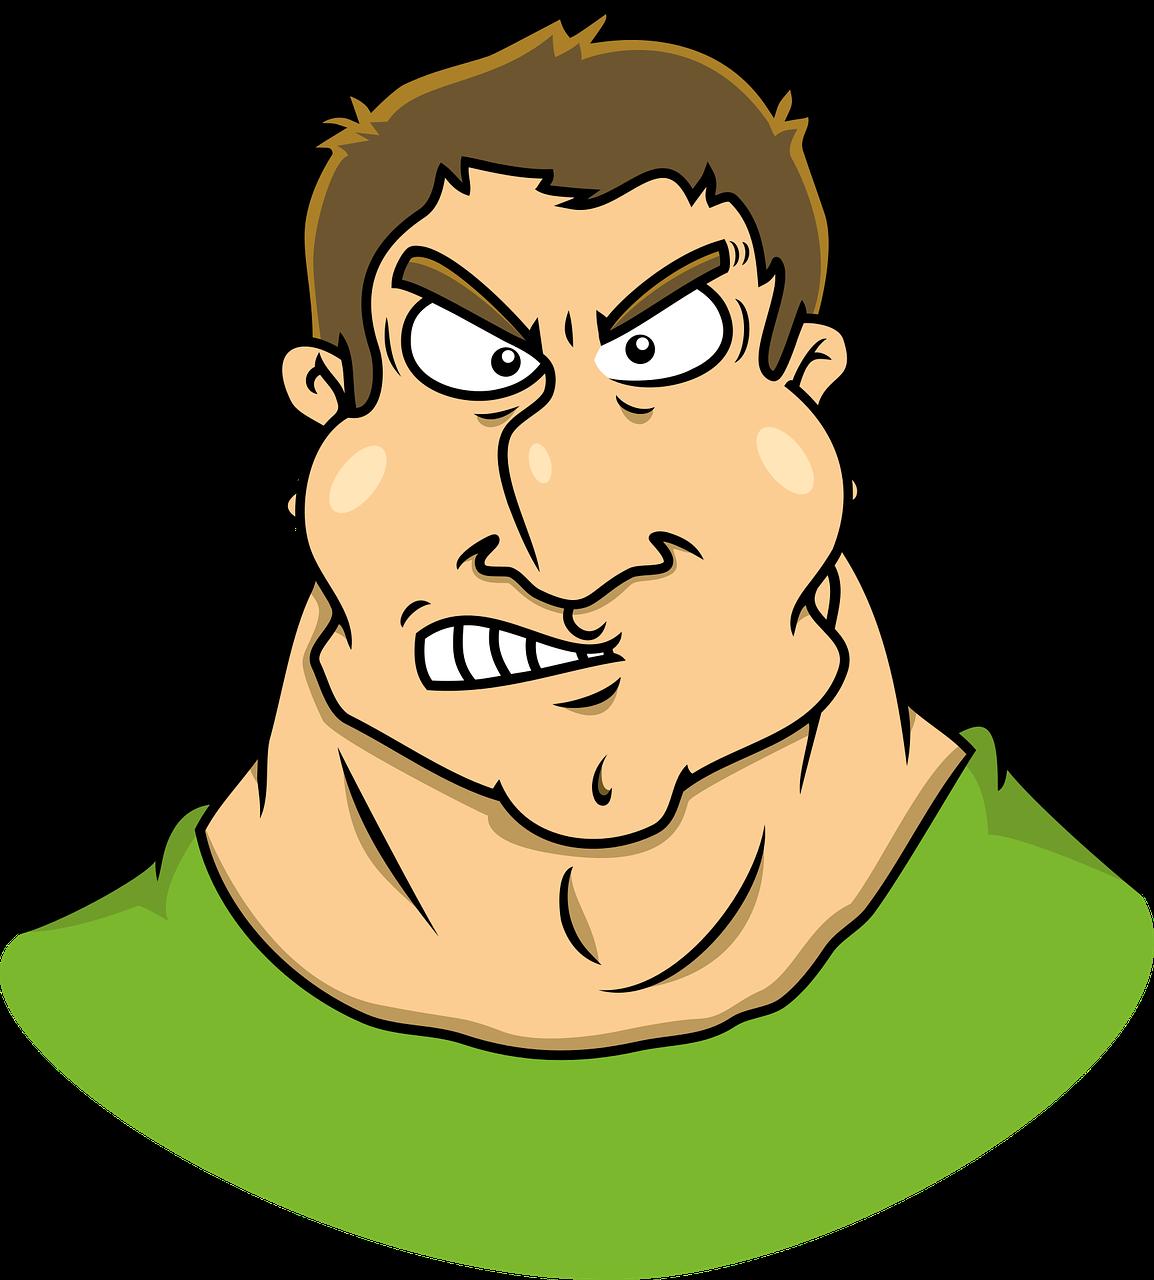 Mengganggu Berotot Karikatur Gambar Vektor Gratis Di Pixabay